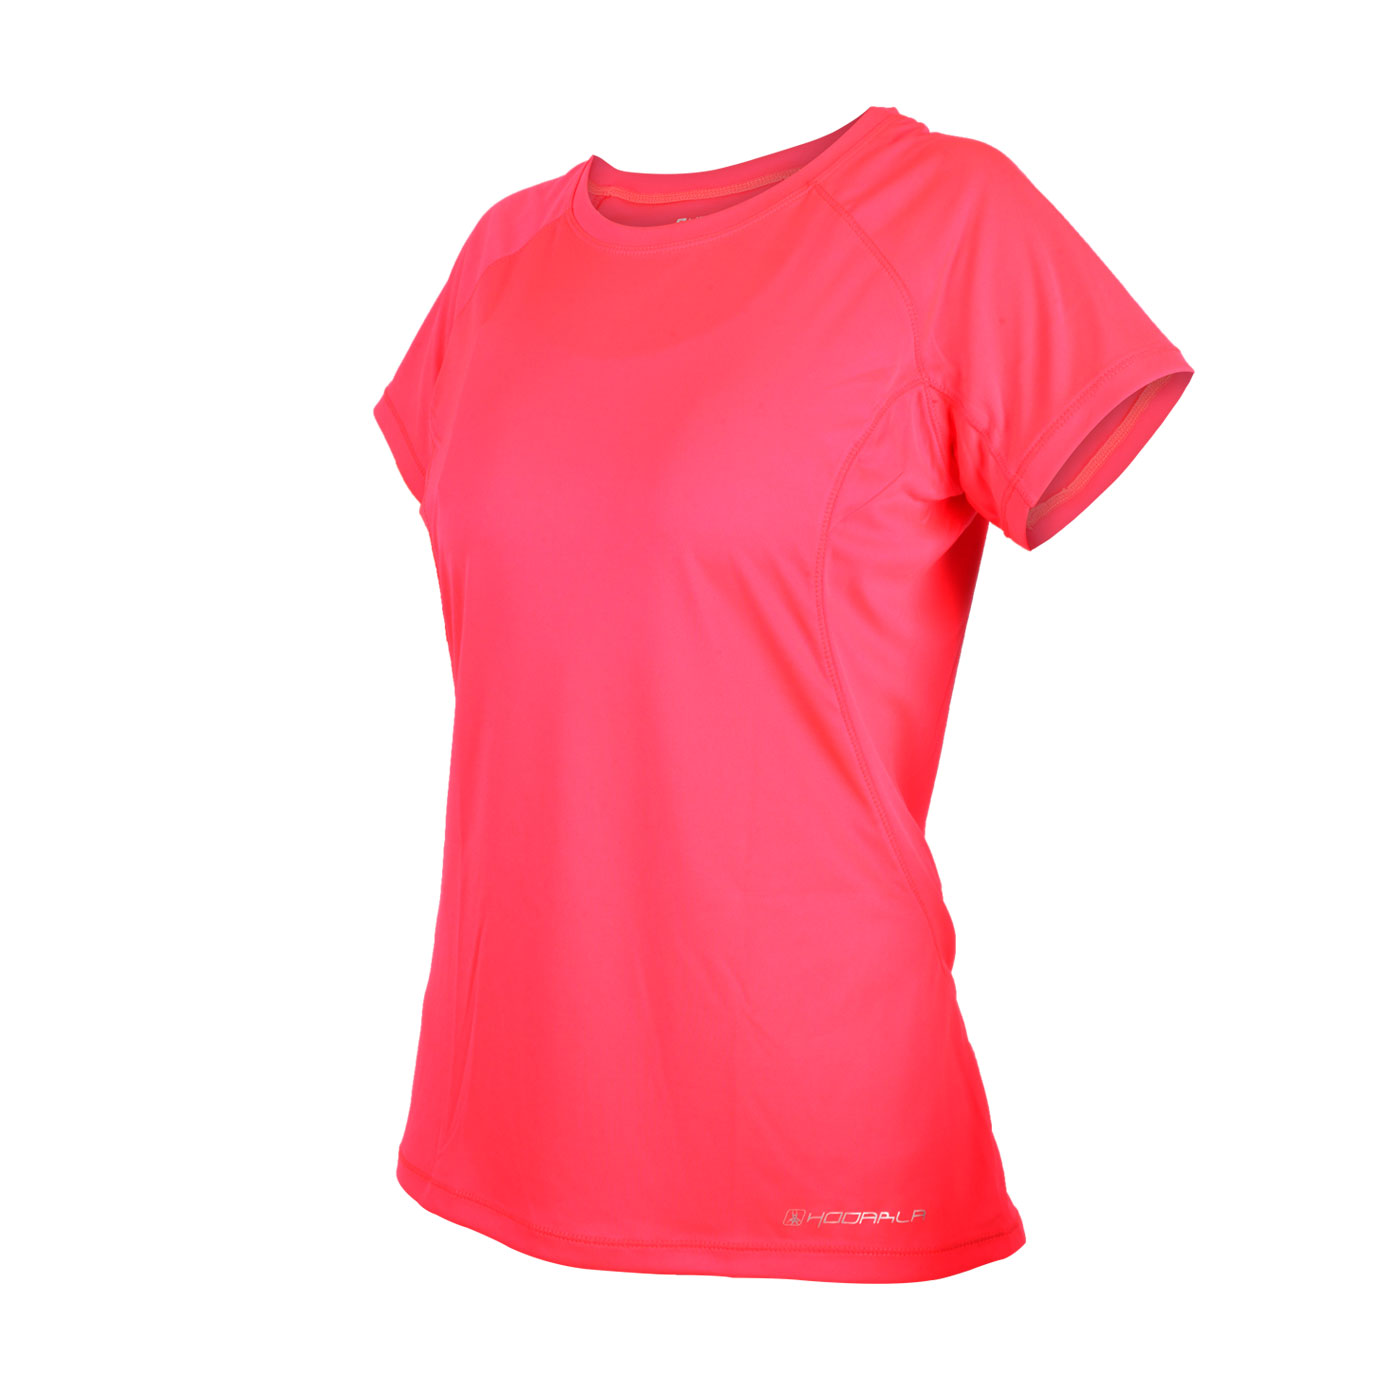 HODARLA 女款星悅無感短袖T恤 3135102 - 螢光粉